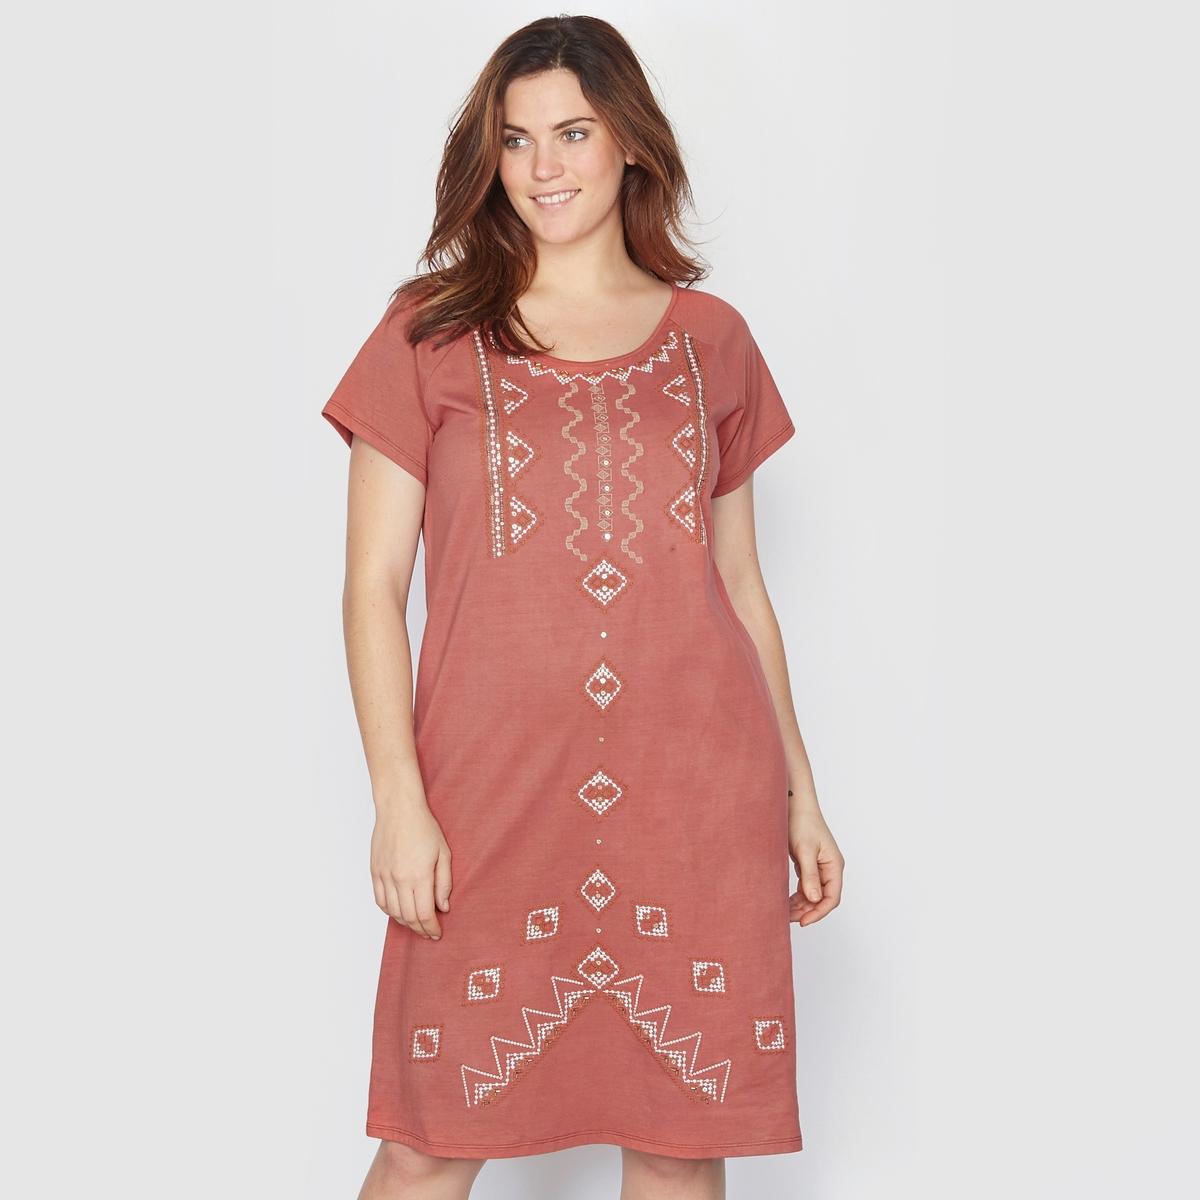 Платье, расшитое бусинамиПлатье из трикотажа. Расшито красивыми бусинами и украшено изысканной вышивкой! Закругленный вырез. Короткие рукава реглан. Джерси, 100% хлопок. Длина ок.95 см.<br><br>Цвет: кирпичный<br>Размер: 48 (FR) - 54 (RUS)